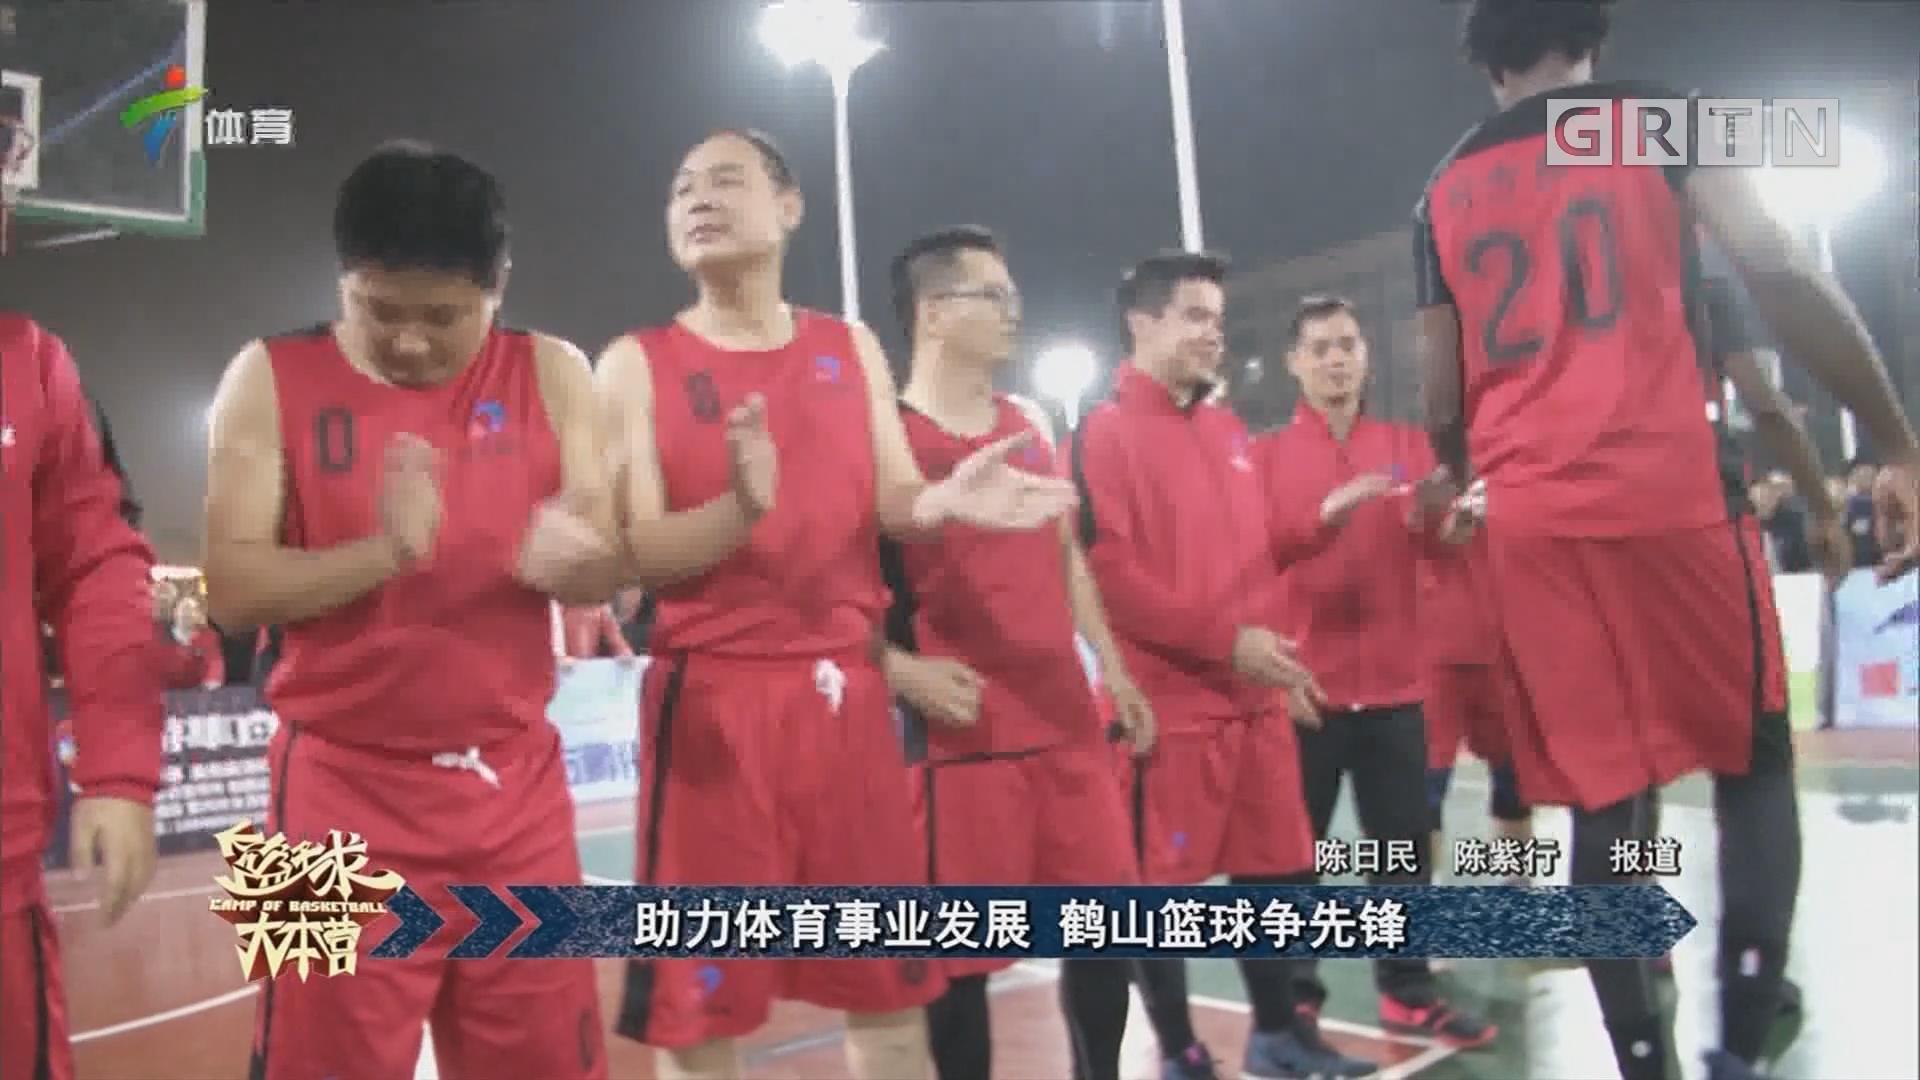 助力体育事业发展 鹤山篮球争先锋